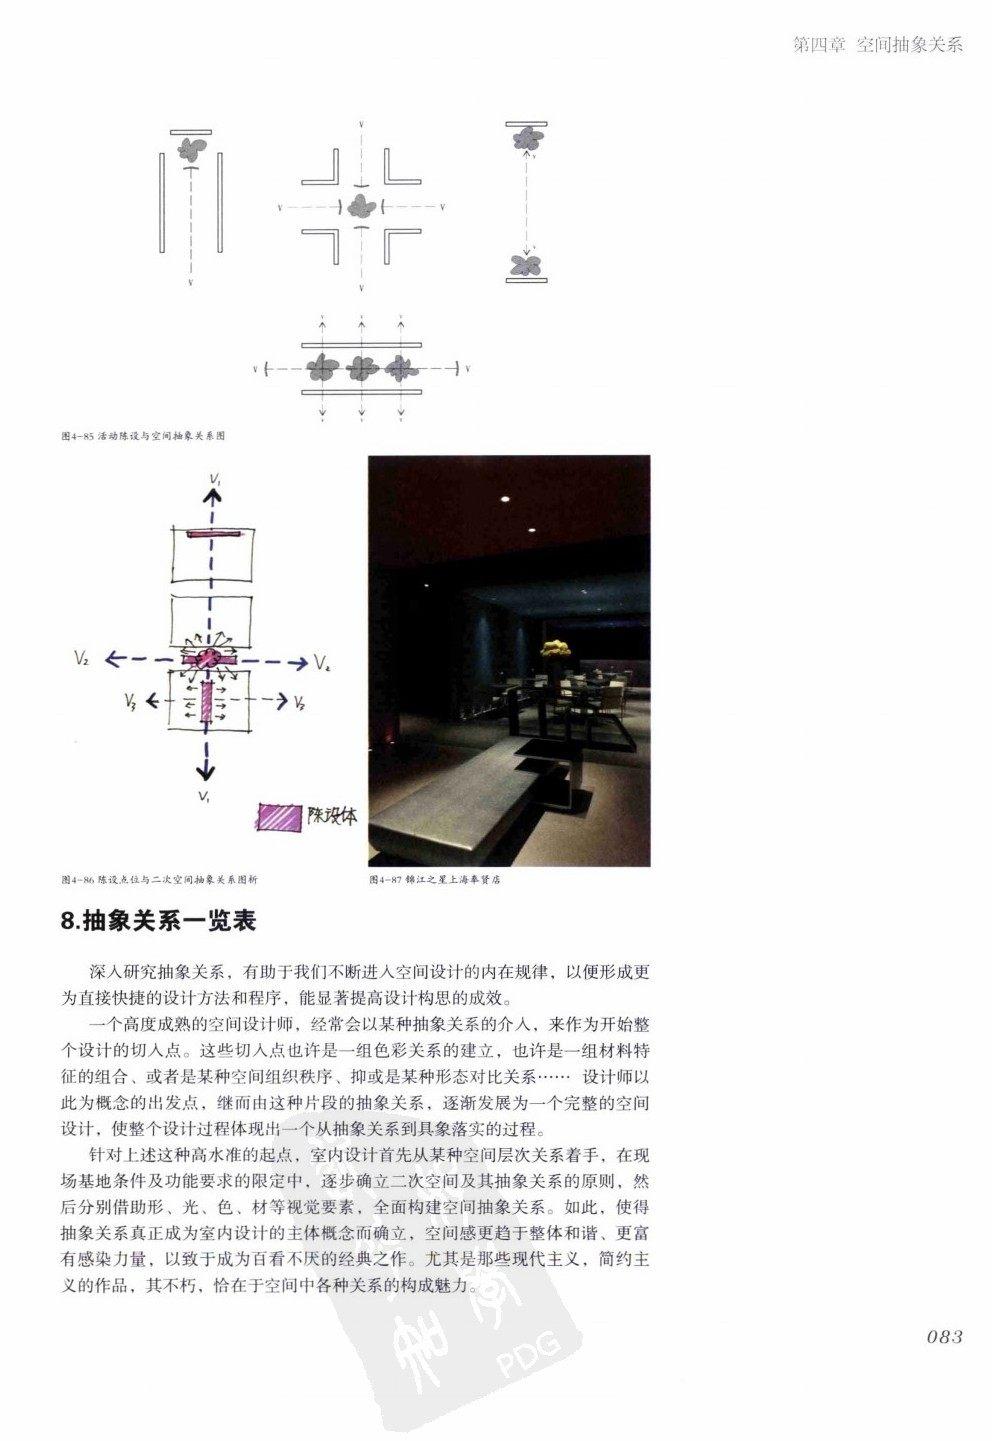 室内设计纲要++概念思考与过程表达_室内设计纲要  概念思考与过程表达_1297982..._页面_091.jpg